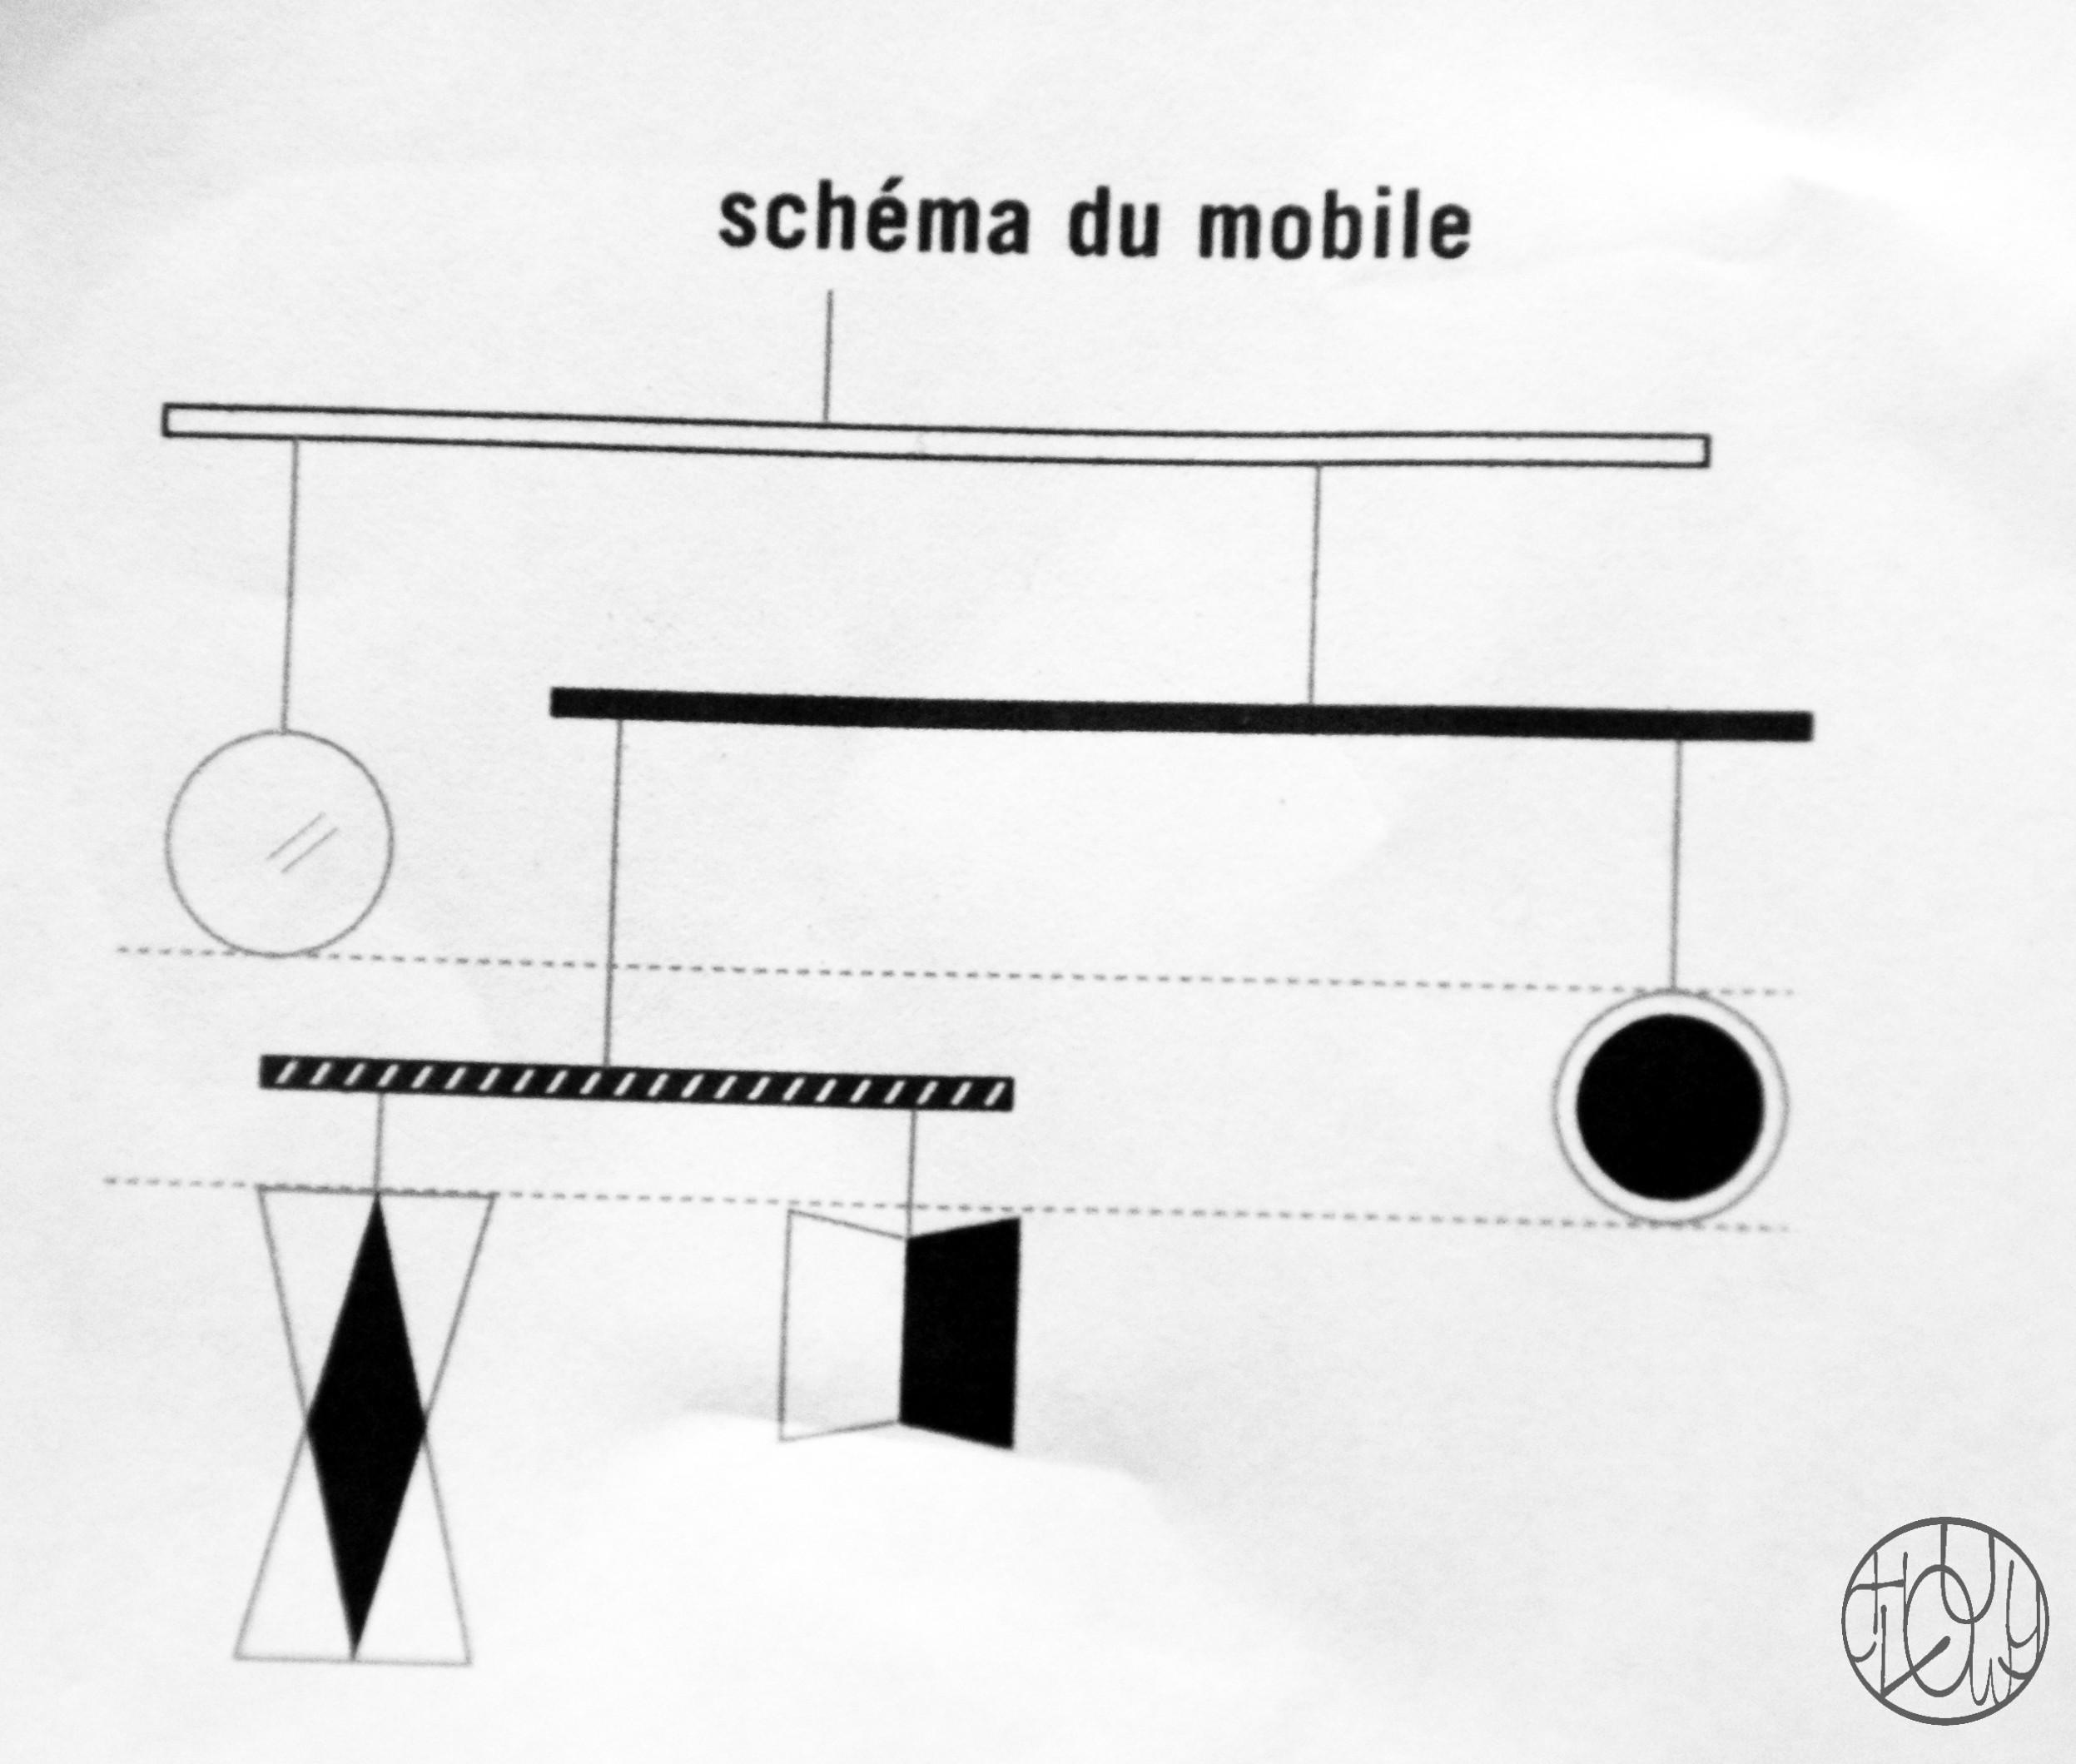 Comment Fabriquer Un Mobile En Bois diy montessori : le mobile de munari - dans ma petite